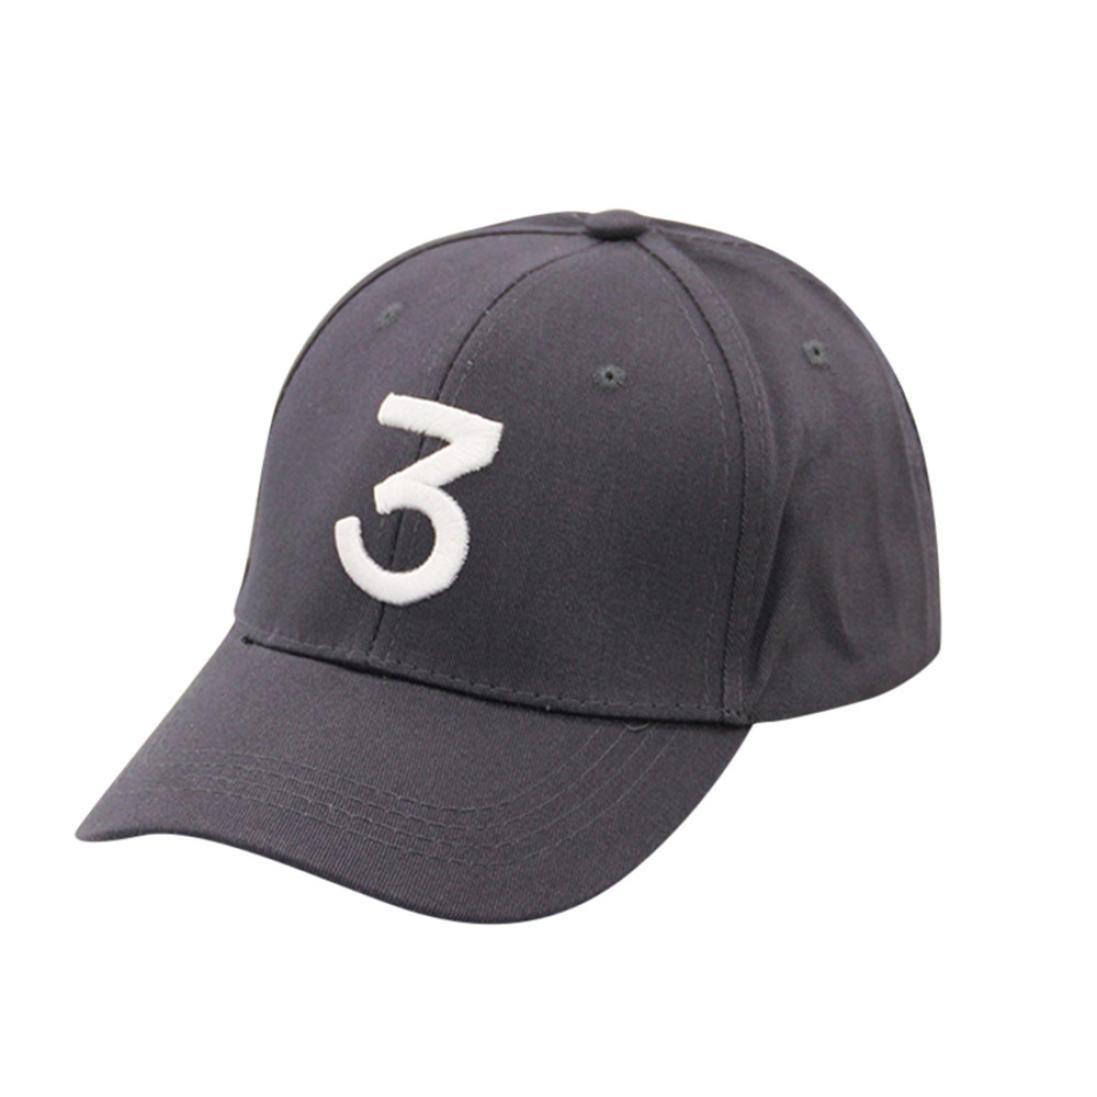 ❤ Unisex Gorra de Béisbol Ajustable Vintage,Unisex Vintage Número 3 Sarga de Algodón Vintage Ajustable Papá Sombrero Absolute (Armada): Amazon.es: Ropa y ...